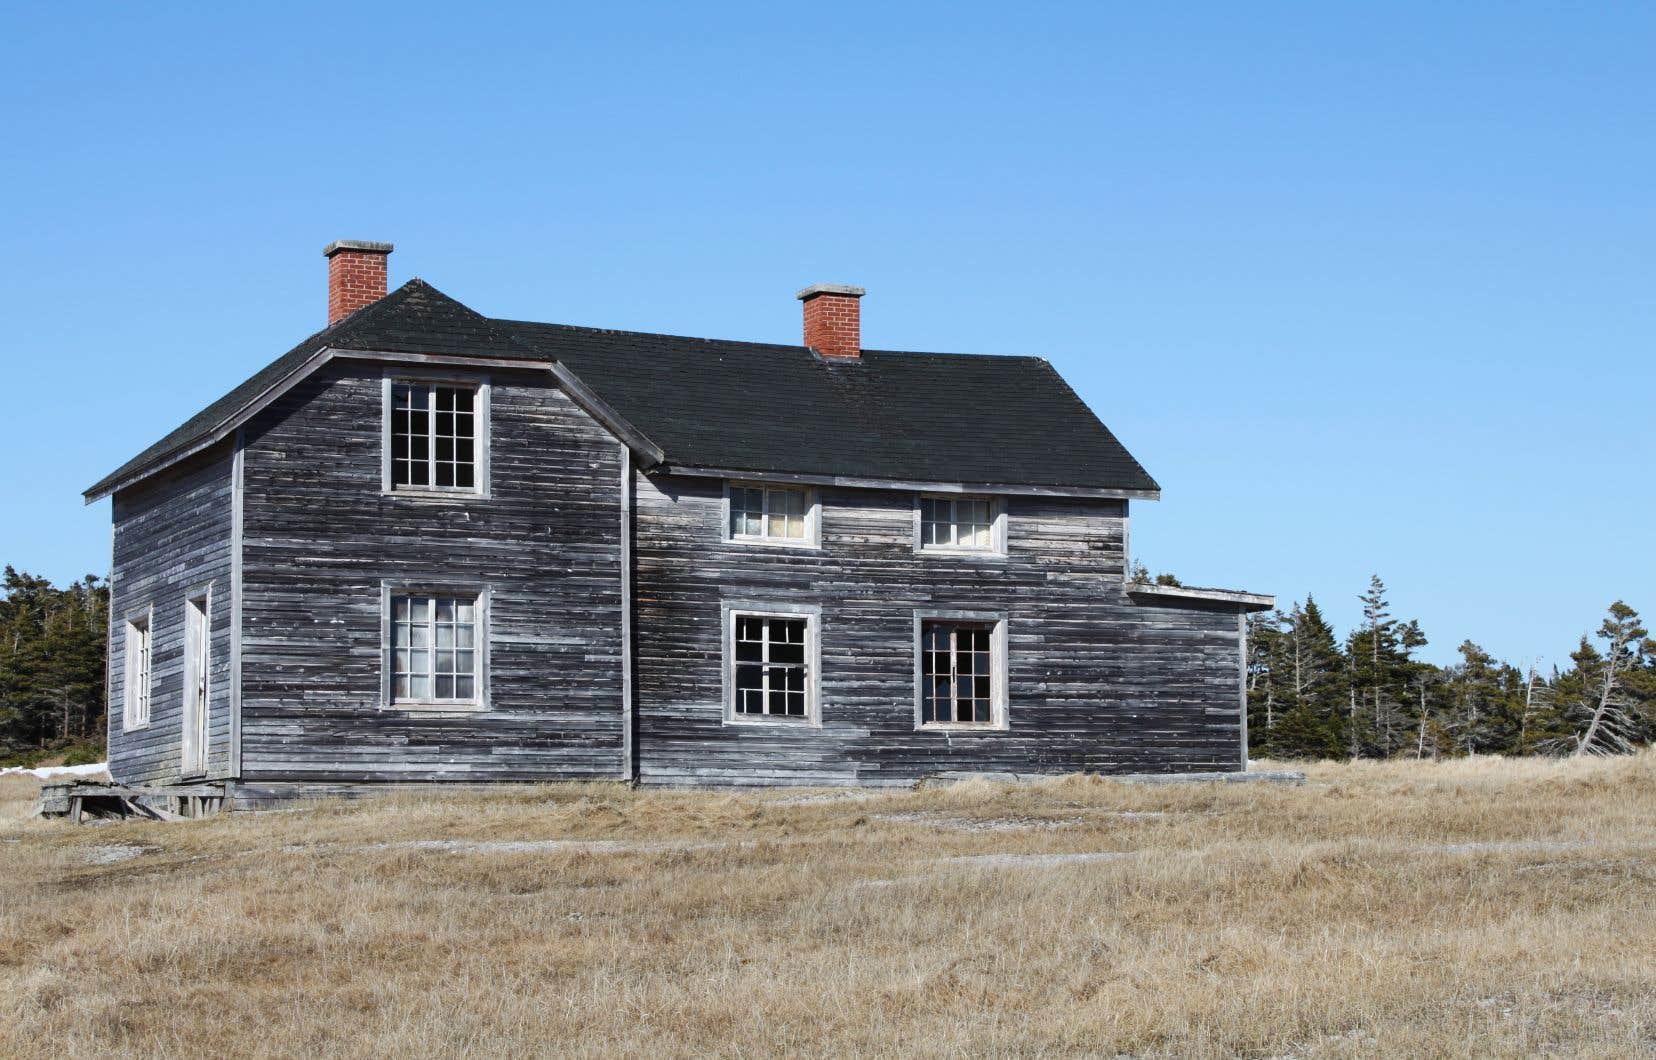 En plus de ses richesses géologiques, l'île d'Anticosti compte un ancien village, Baie-Sainte-Claire, dont certains éléments sont classés au patrimoine du Québec.